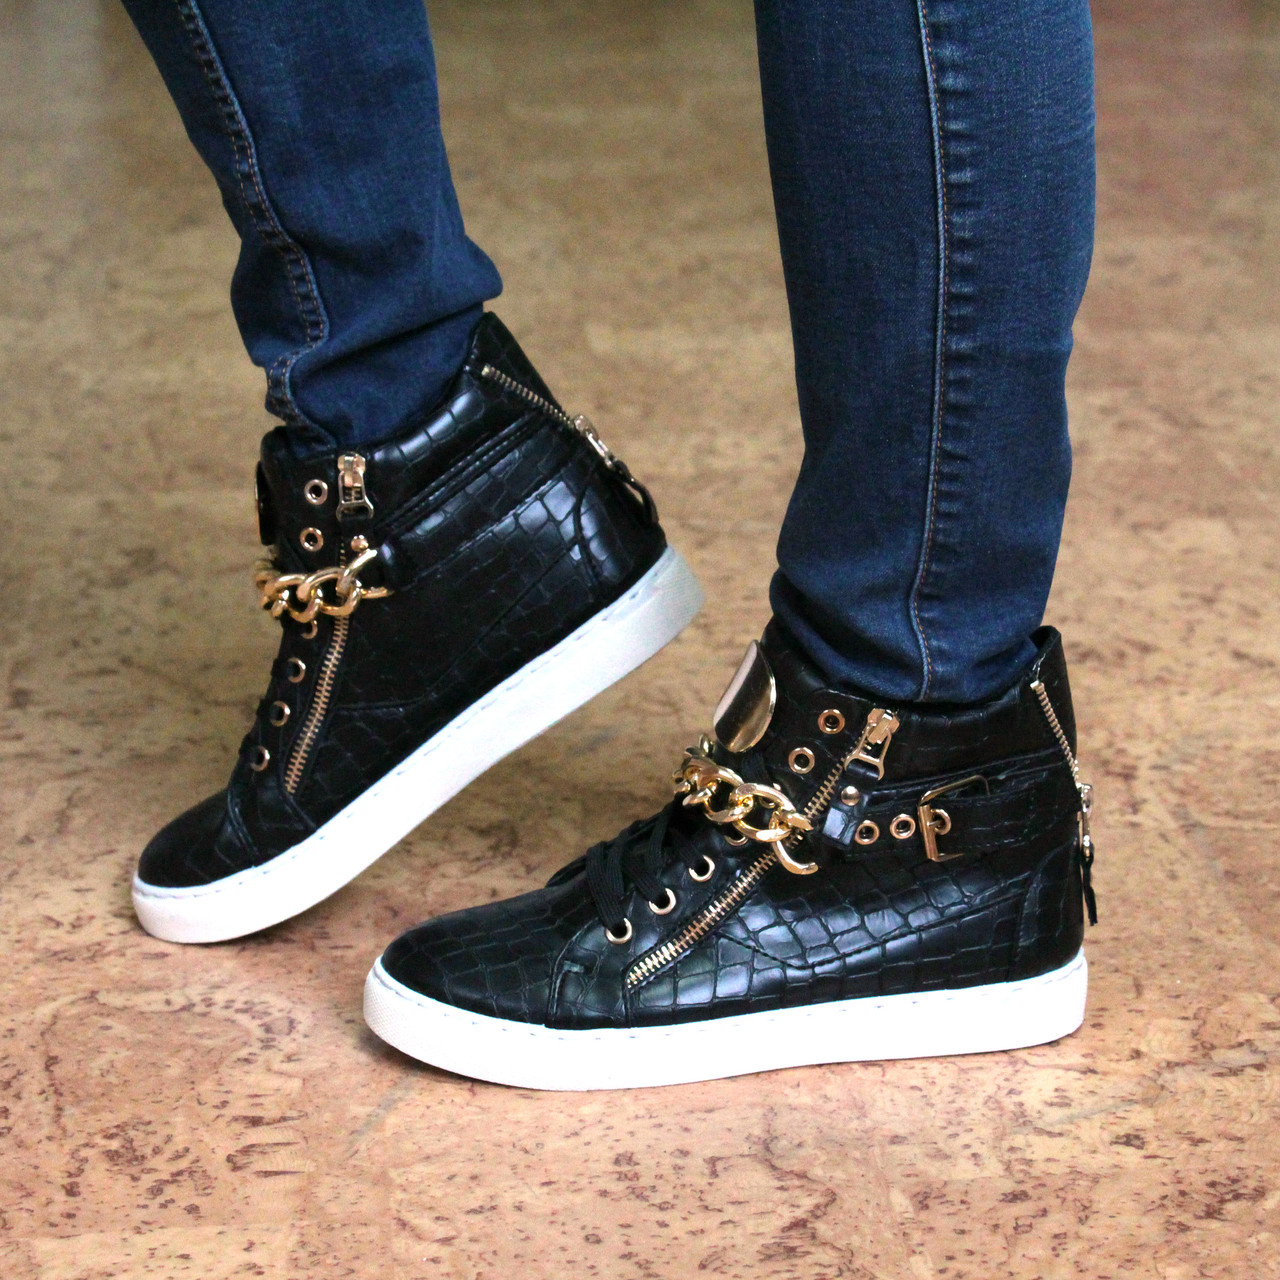 0db38d49e730 Ботинки женские демисезонные кеды Zanotti черные 37 размер, осенняя обувь